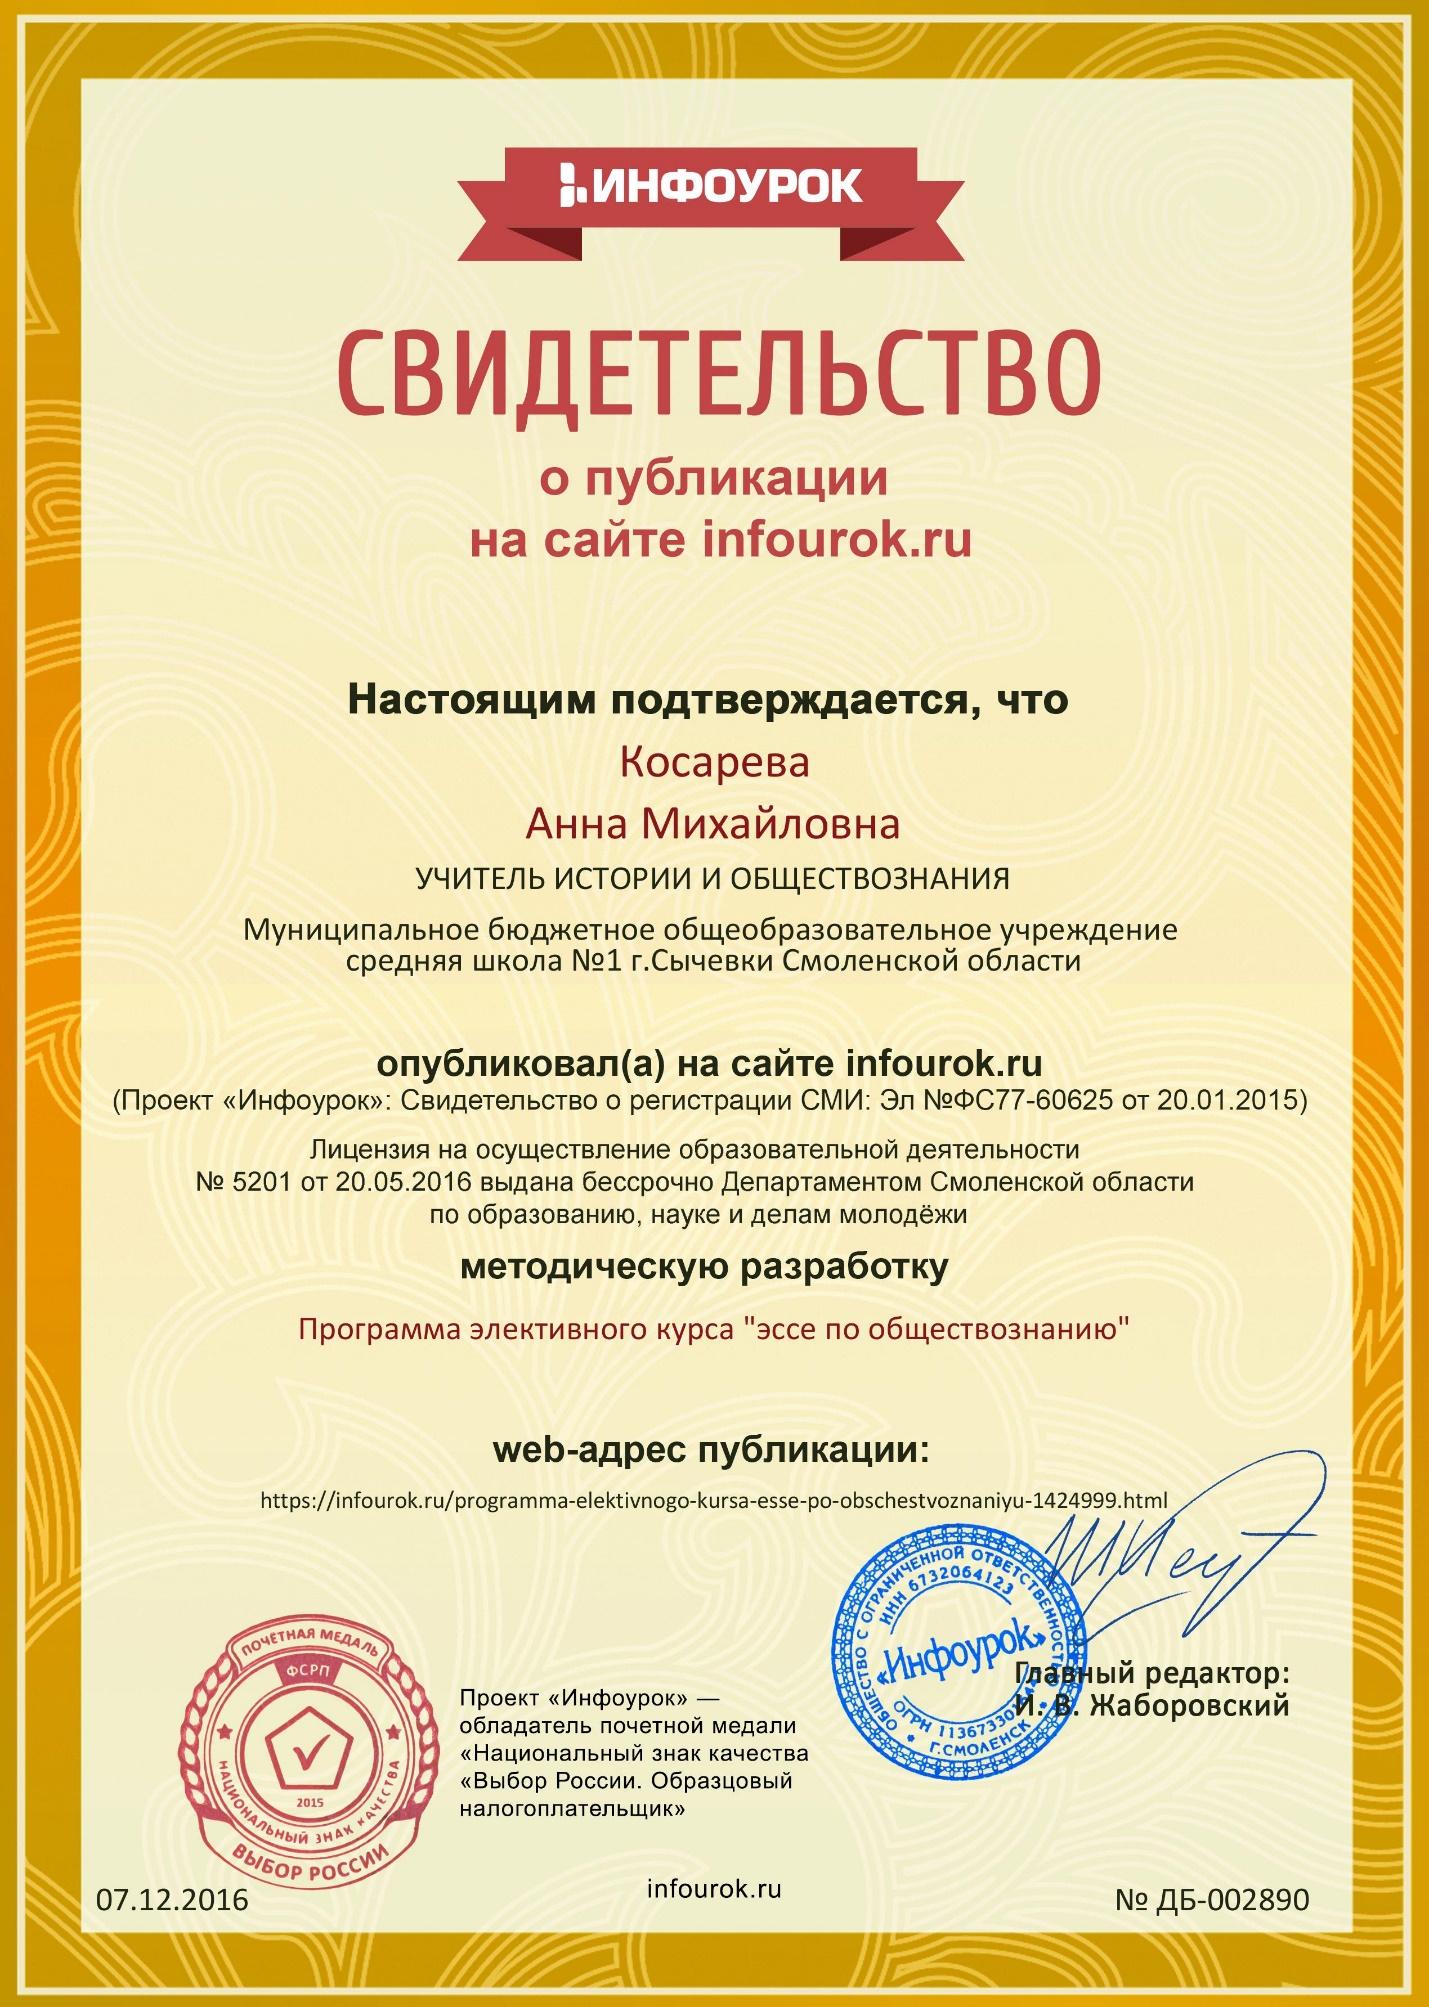 Www infourok ru online otpbank ru